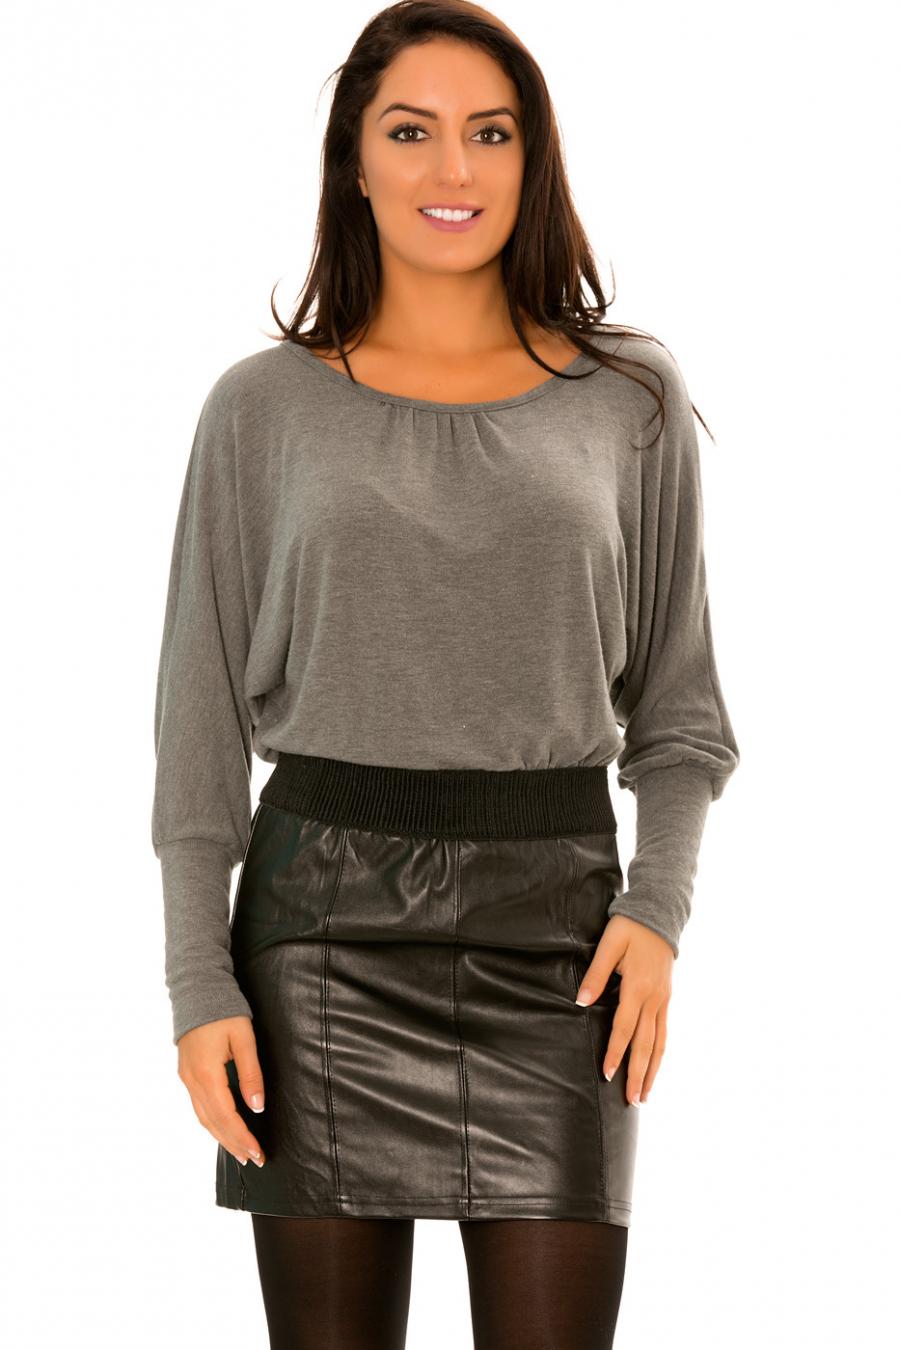 Robe Grise Bi-matière haut ample et jupe simili cuir - 158